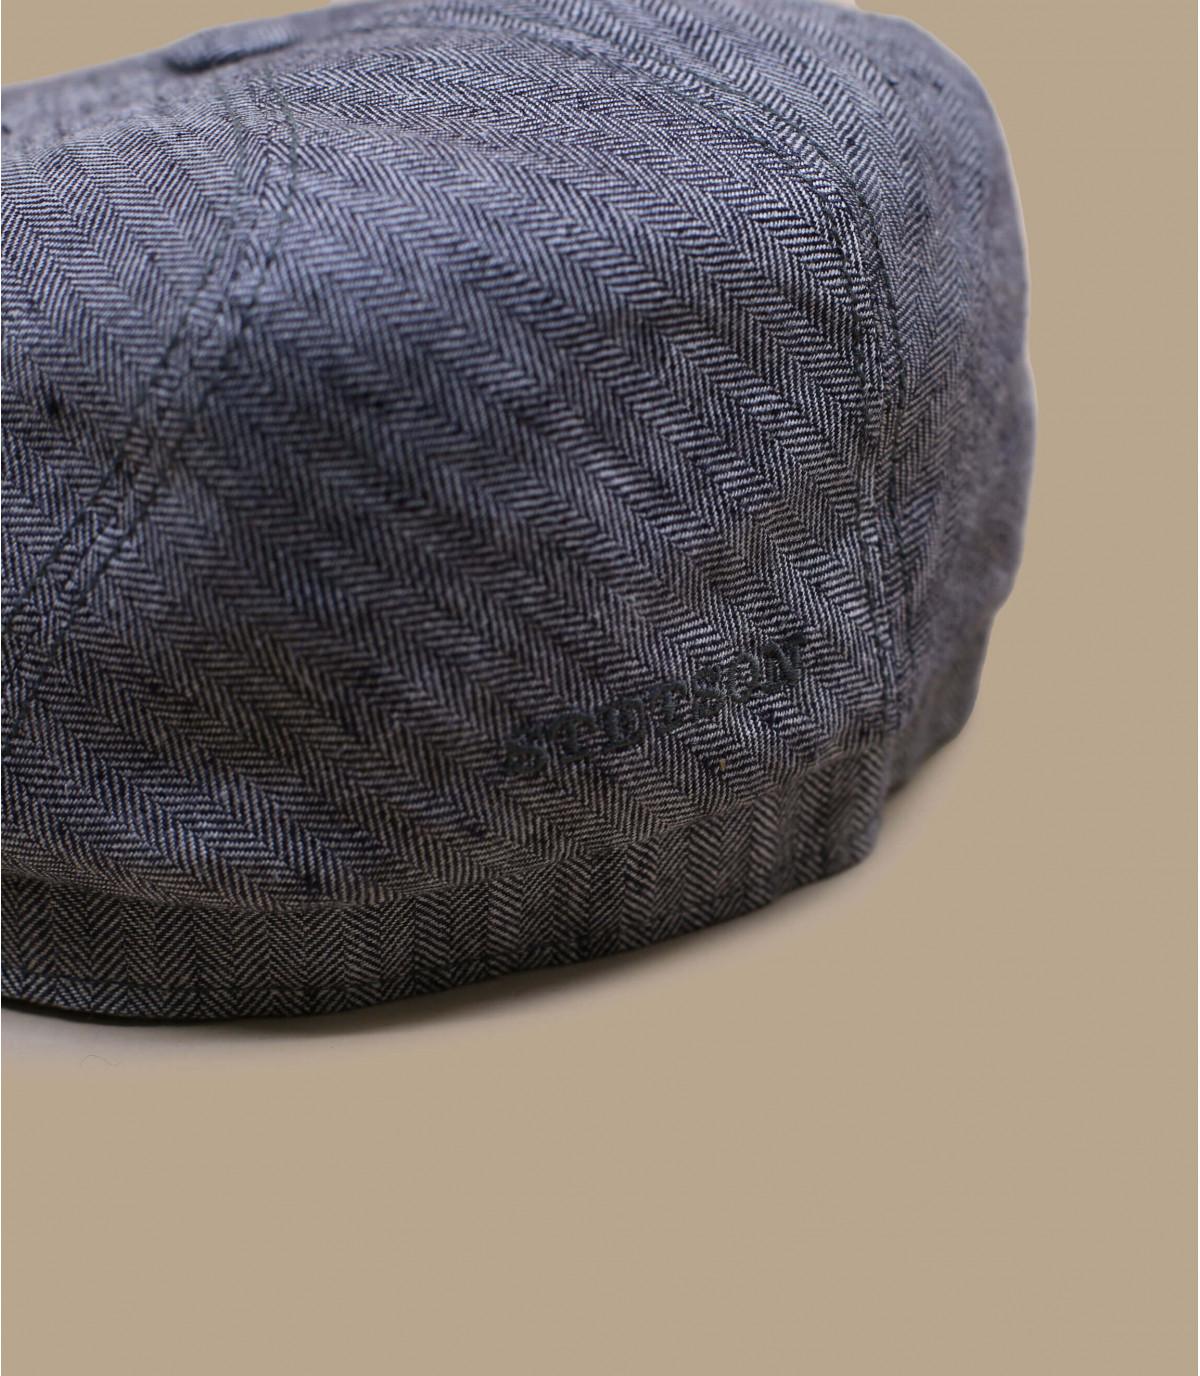 Détails Brooklin lin grise - image 2